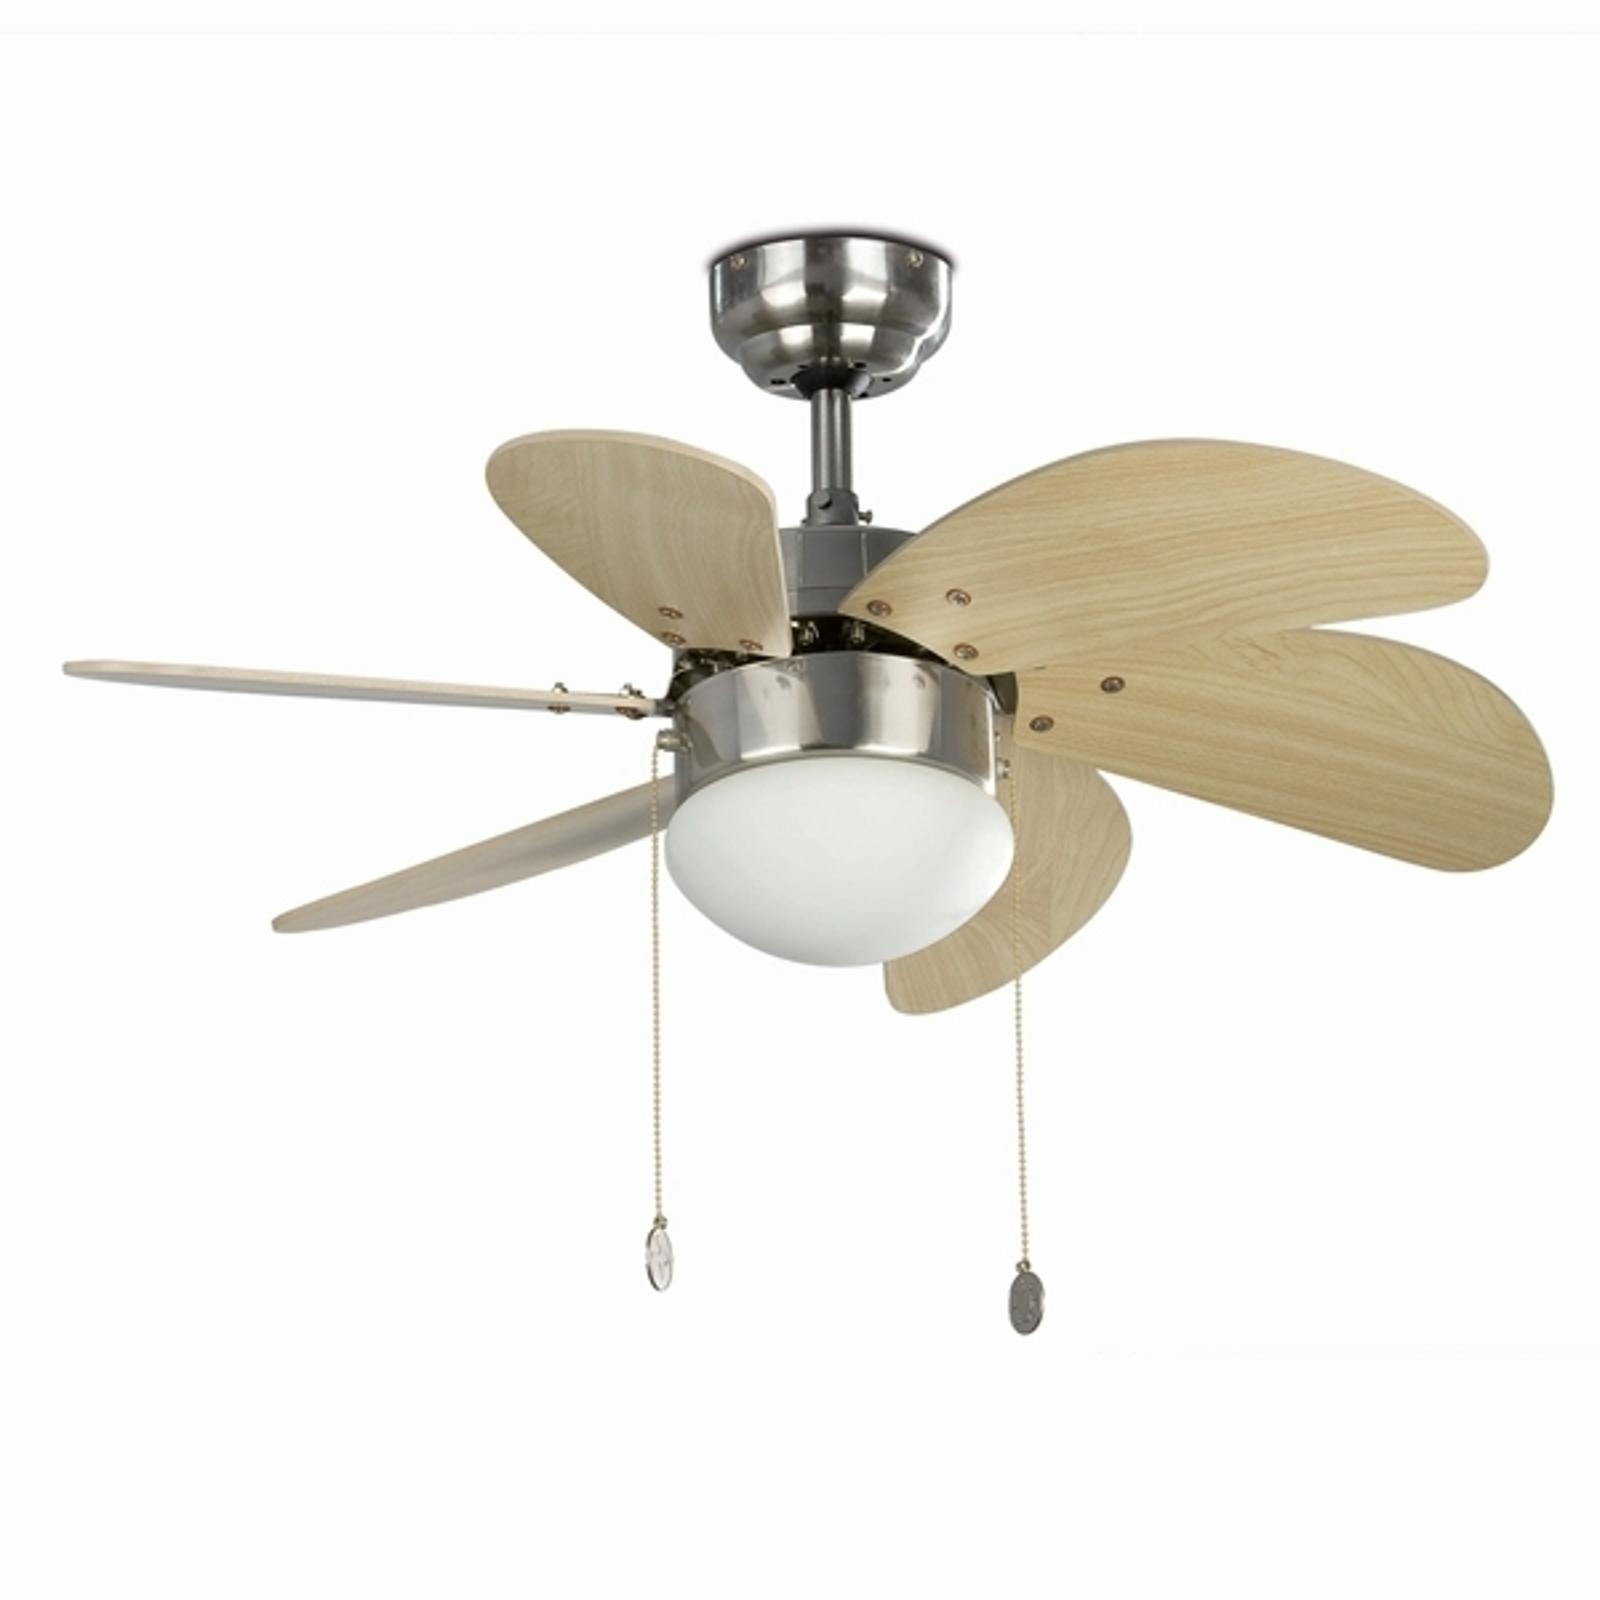 PALAO Attractive Ceiling Fan, Matt Nickel_3506039_1